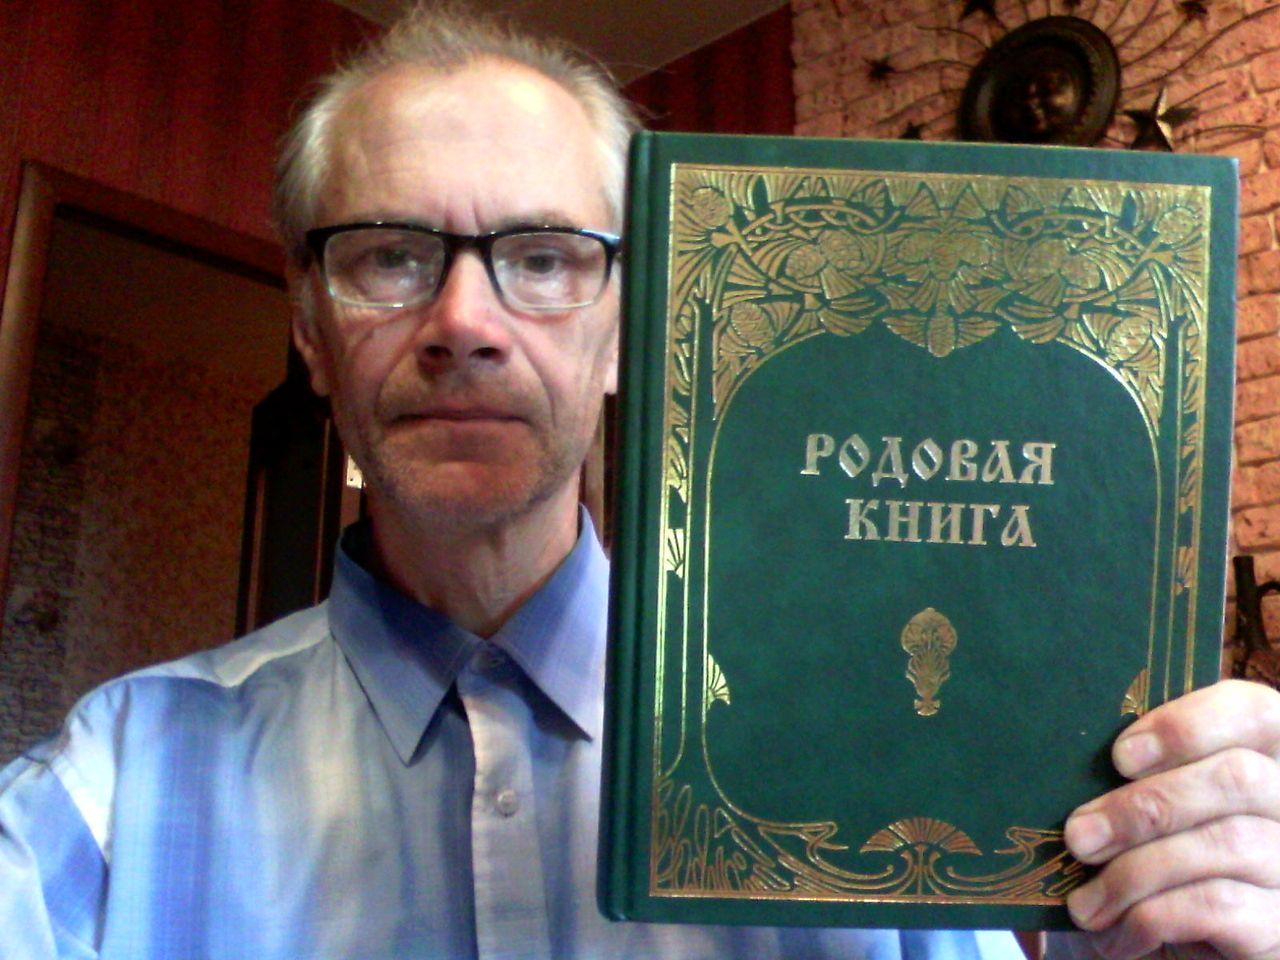 Валерий Некрасов Родовая книга.jpg